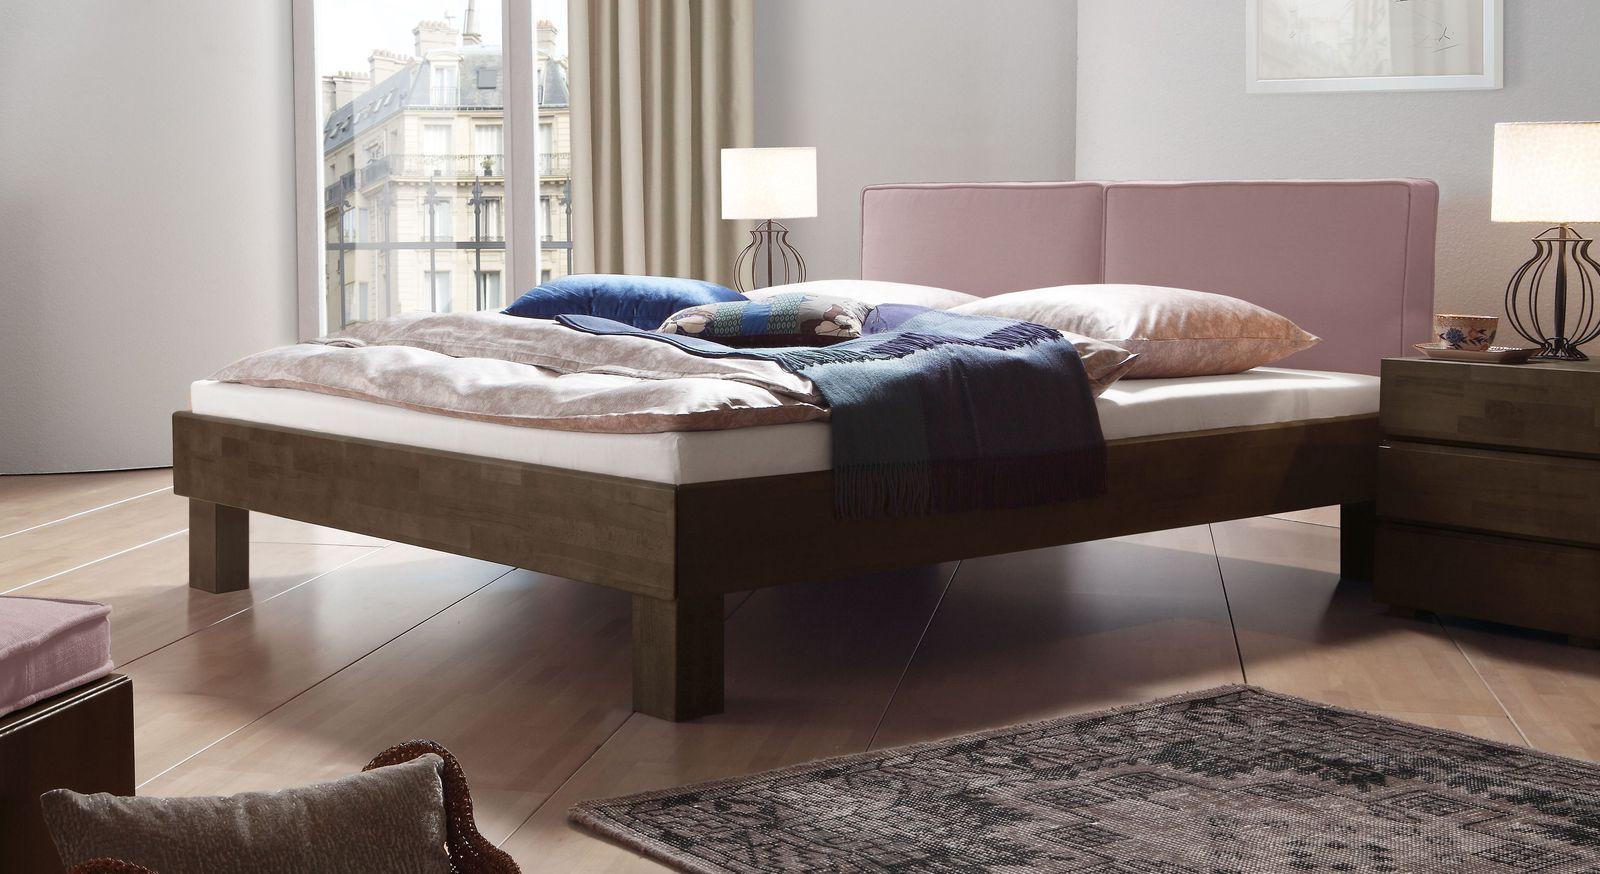 Wengefarbenes Bett Tiago mit rosefarbenem Kopfteil